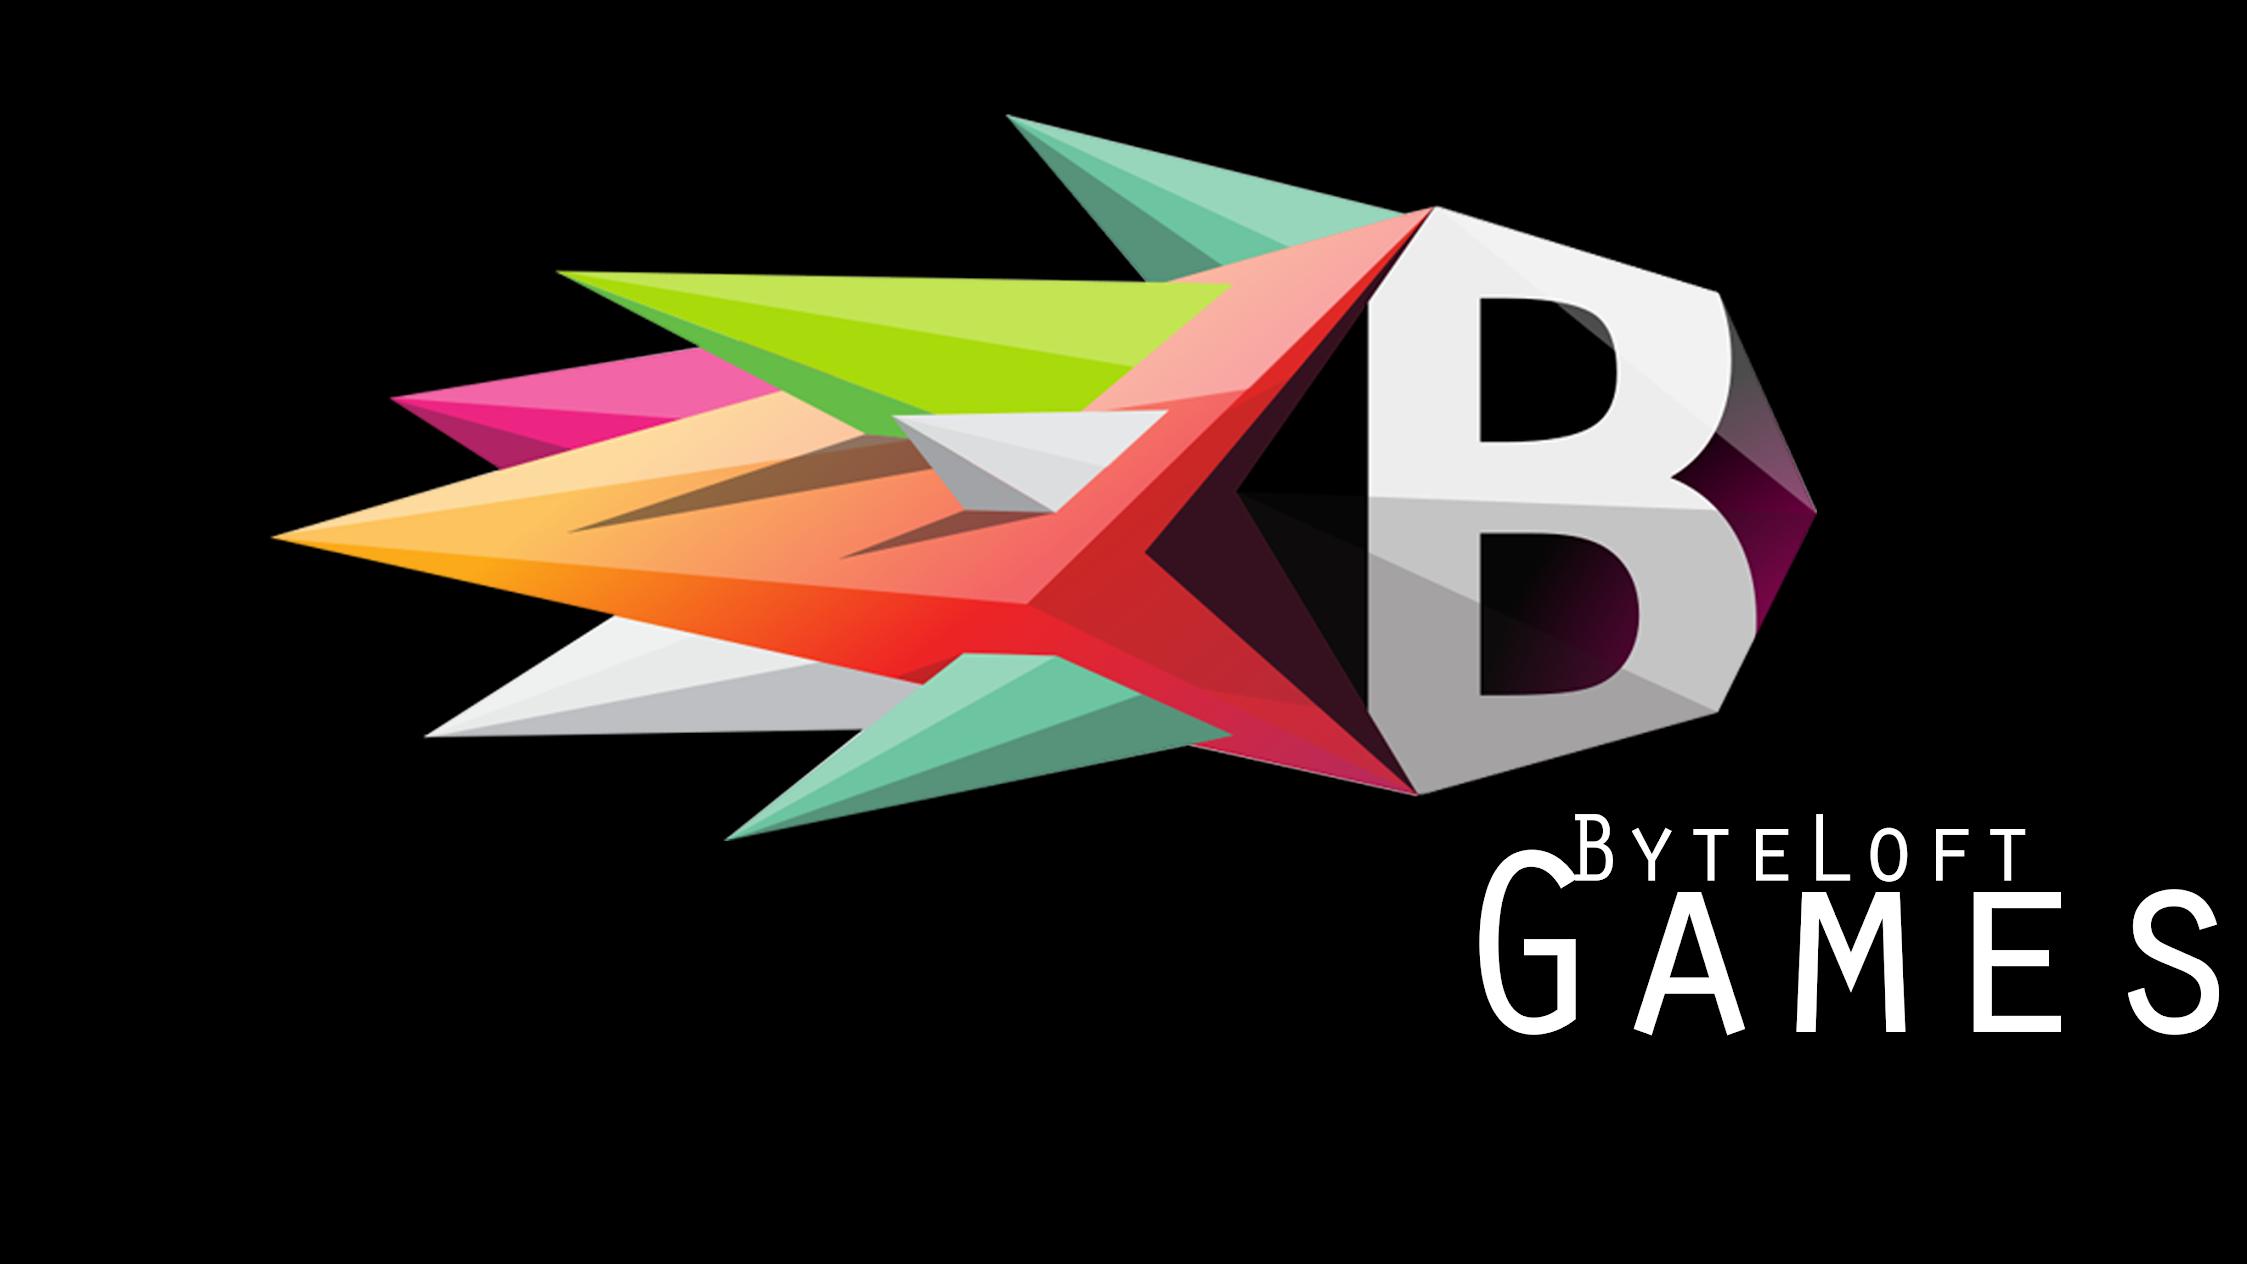 ByteLoft